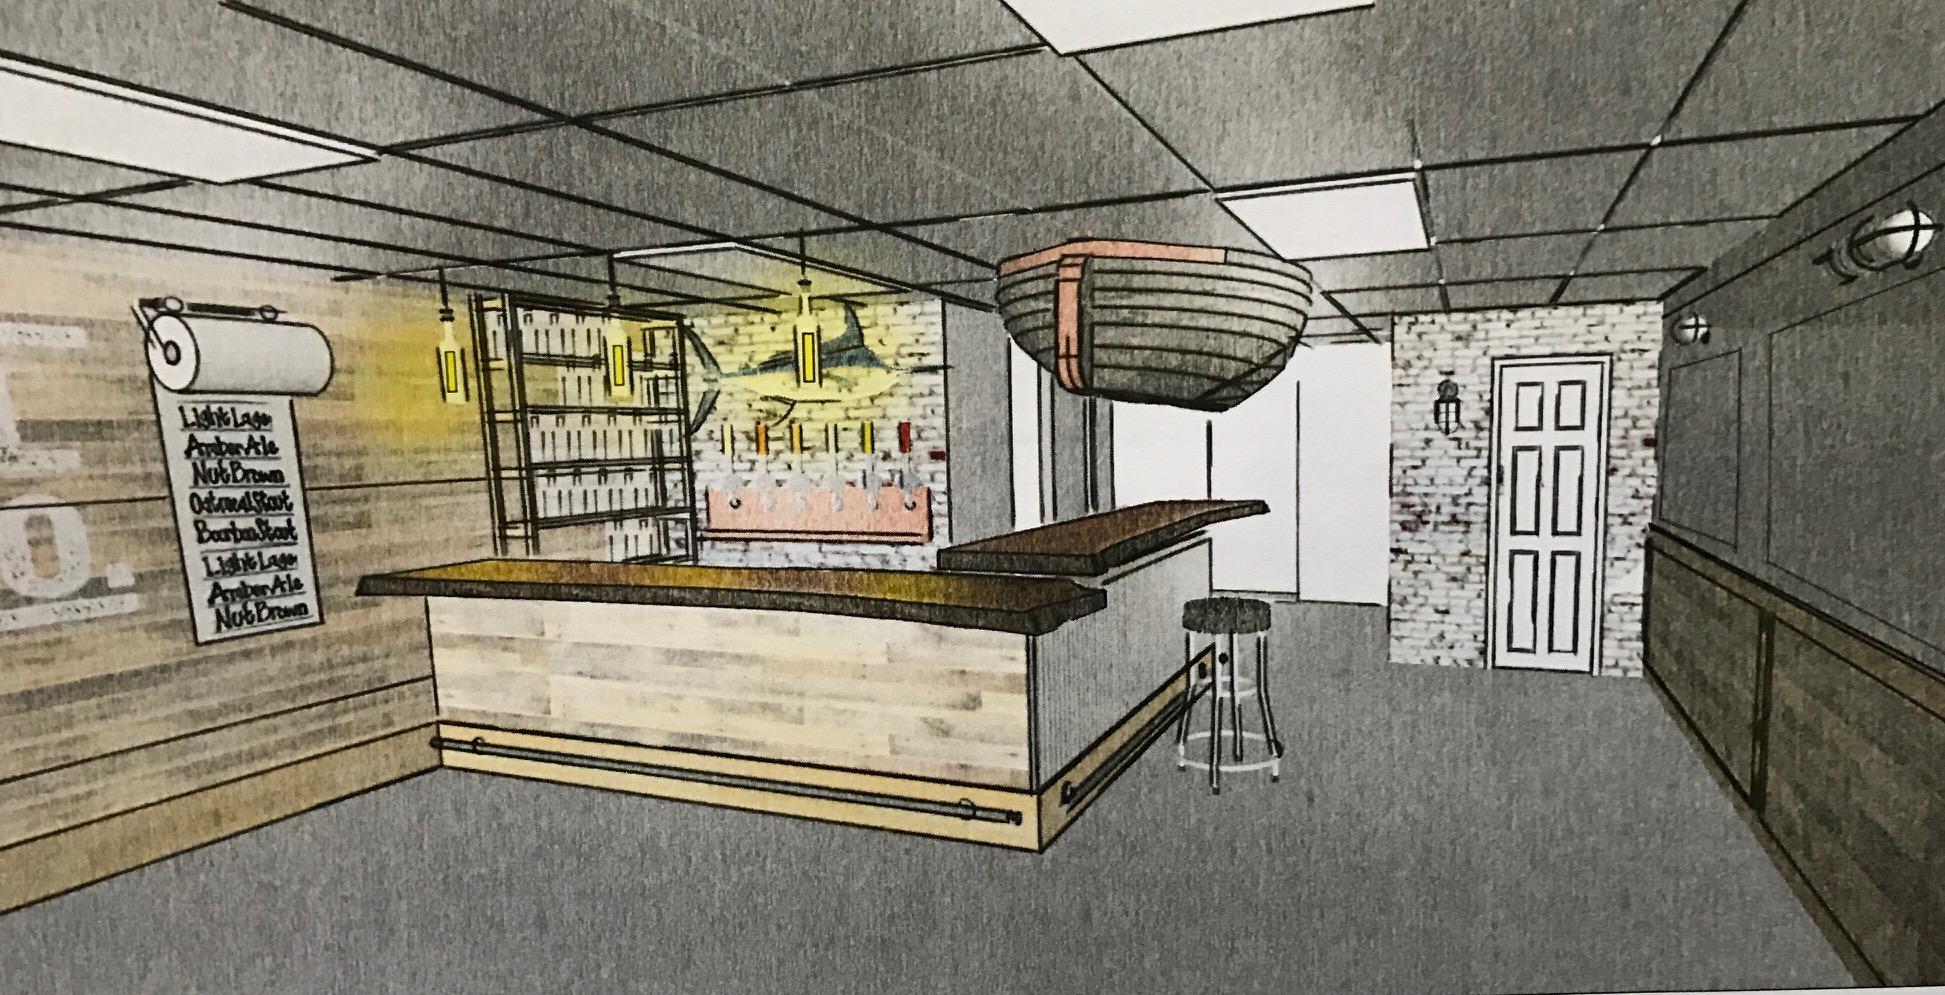 Heavy Ree; Brewing Company (Photo: Daniel Nee)